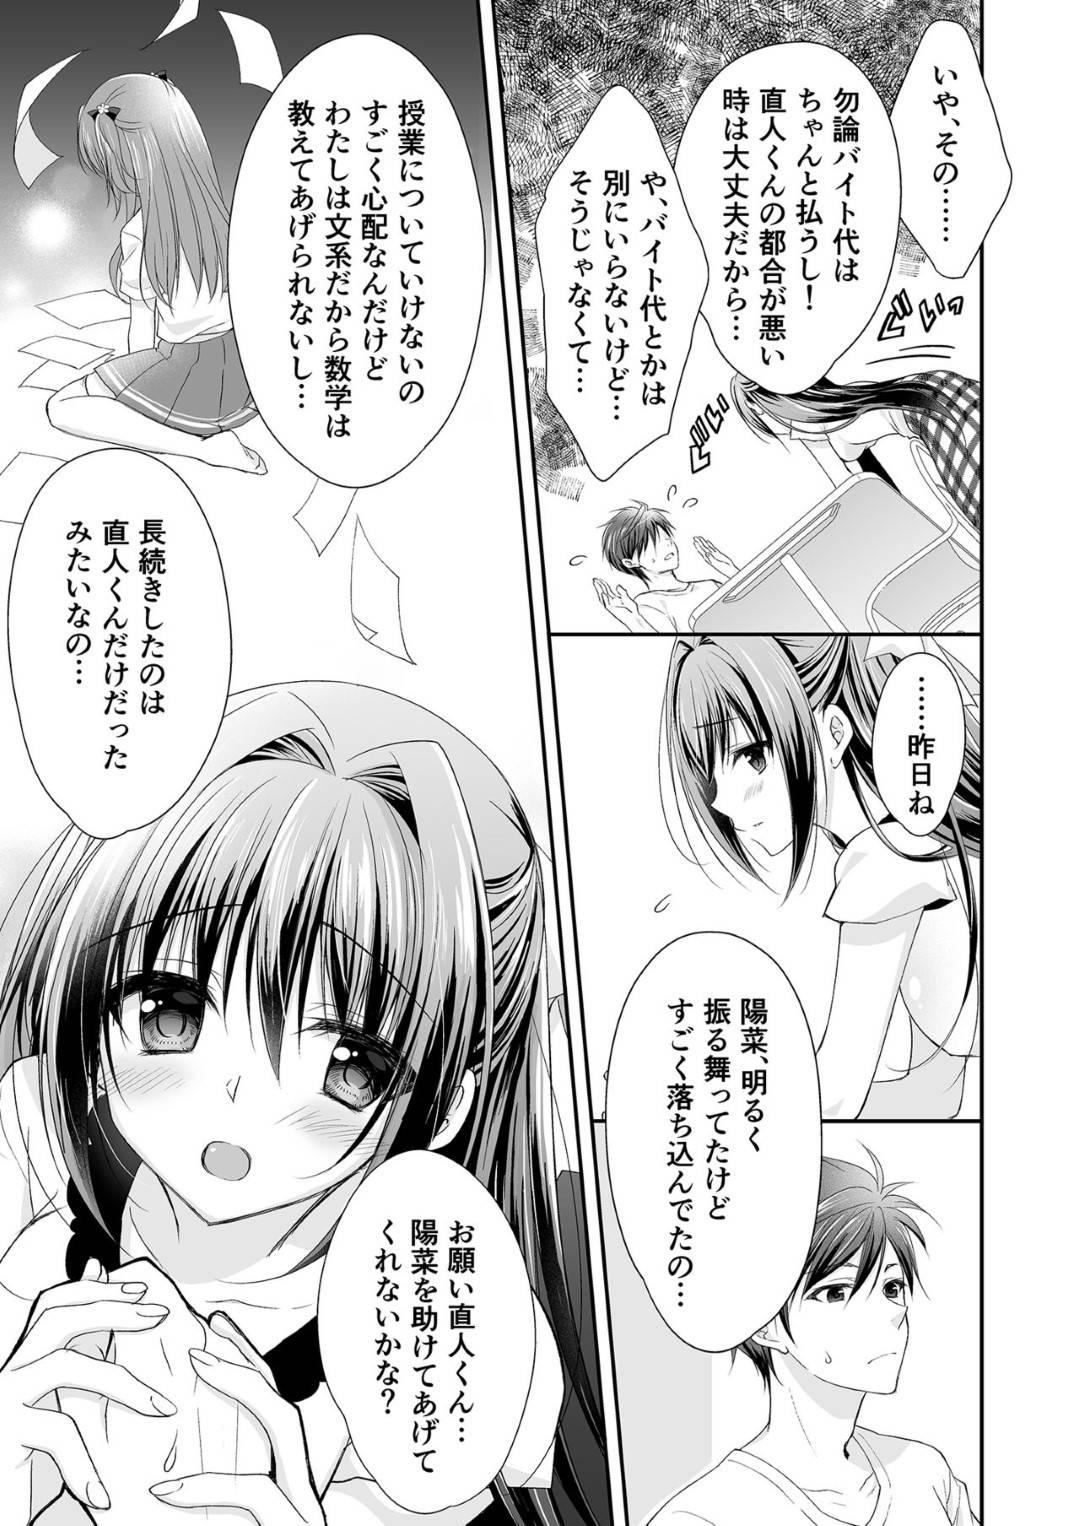 【妹浮気エロ漫画】彼女に結婚するまでプラトニックでいると言われた彼氏は、彼女の妹で家庭教師の教え子に好きだったと泣きながら迫られるとセックス【ななかまい】